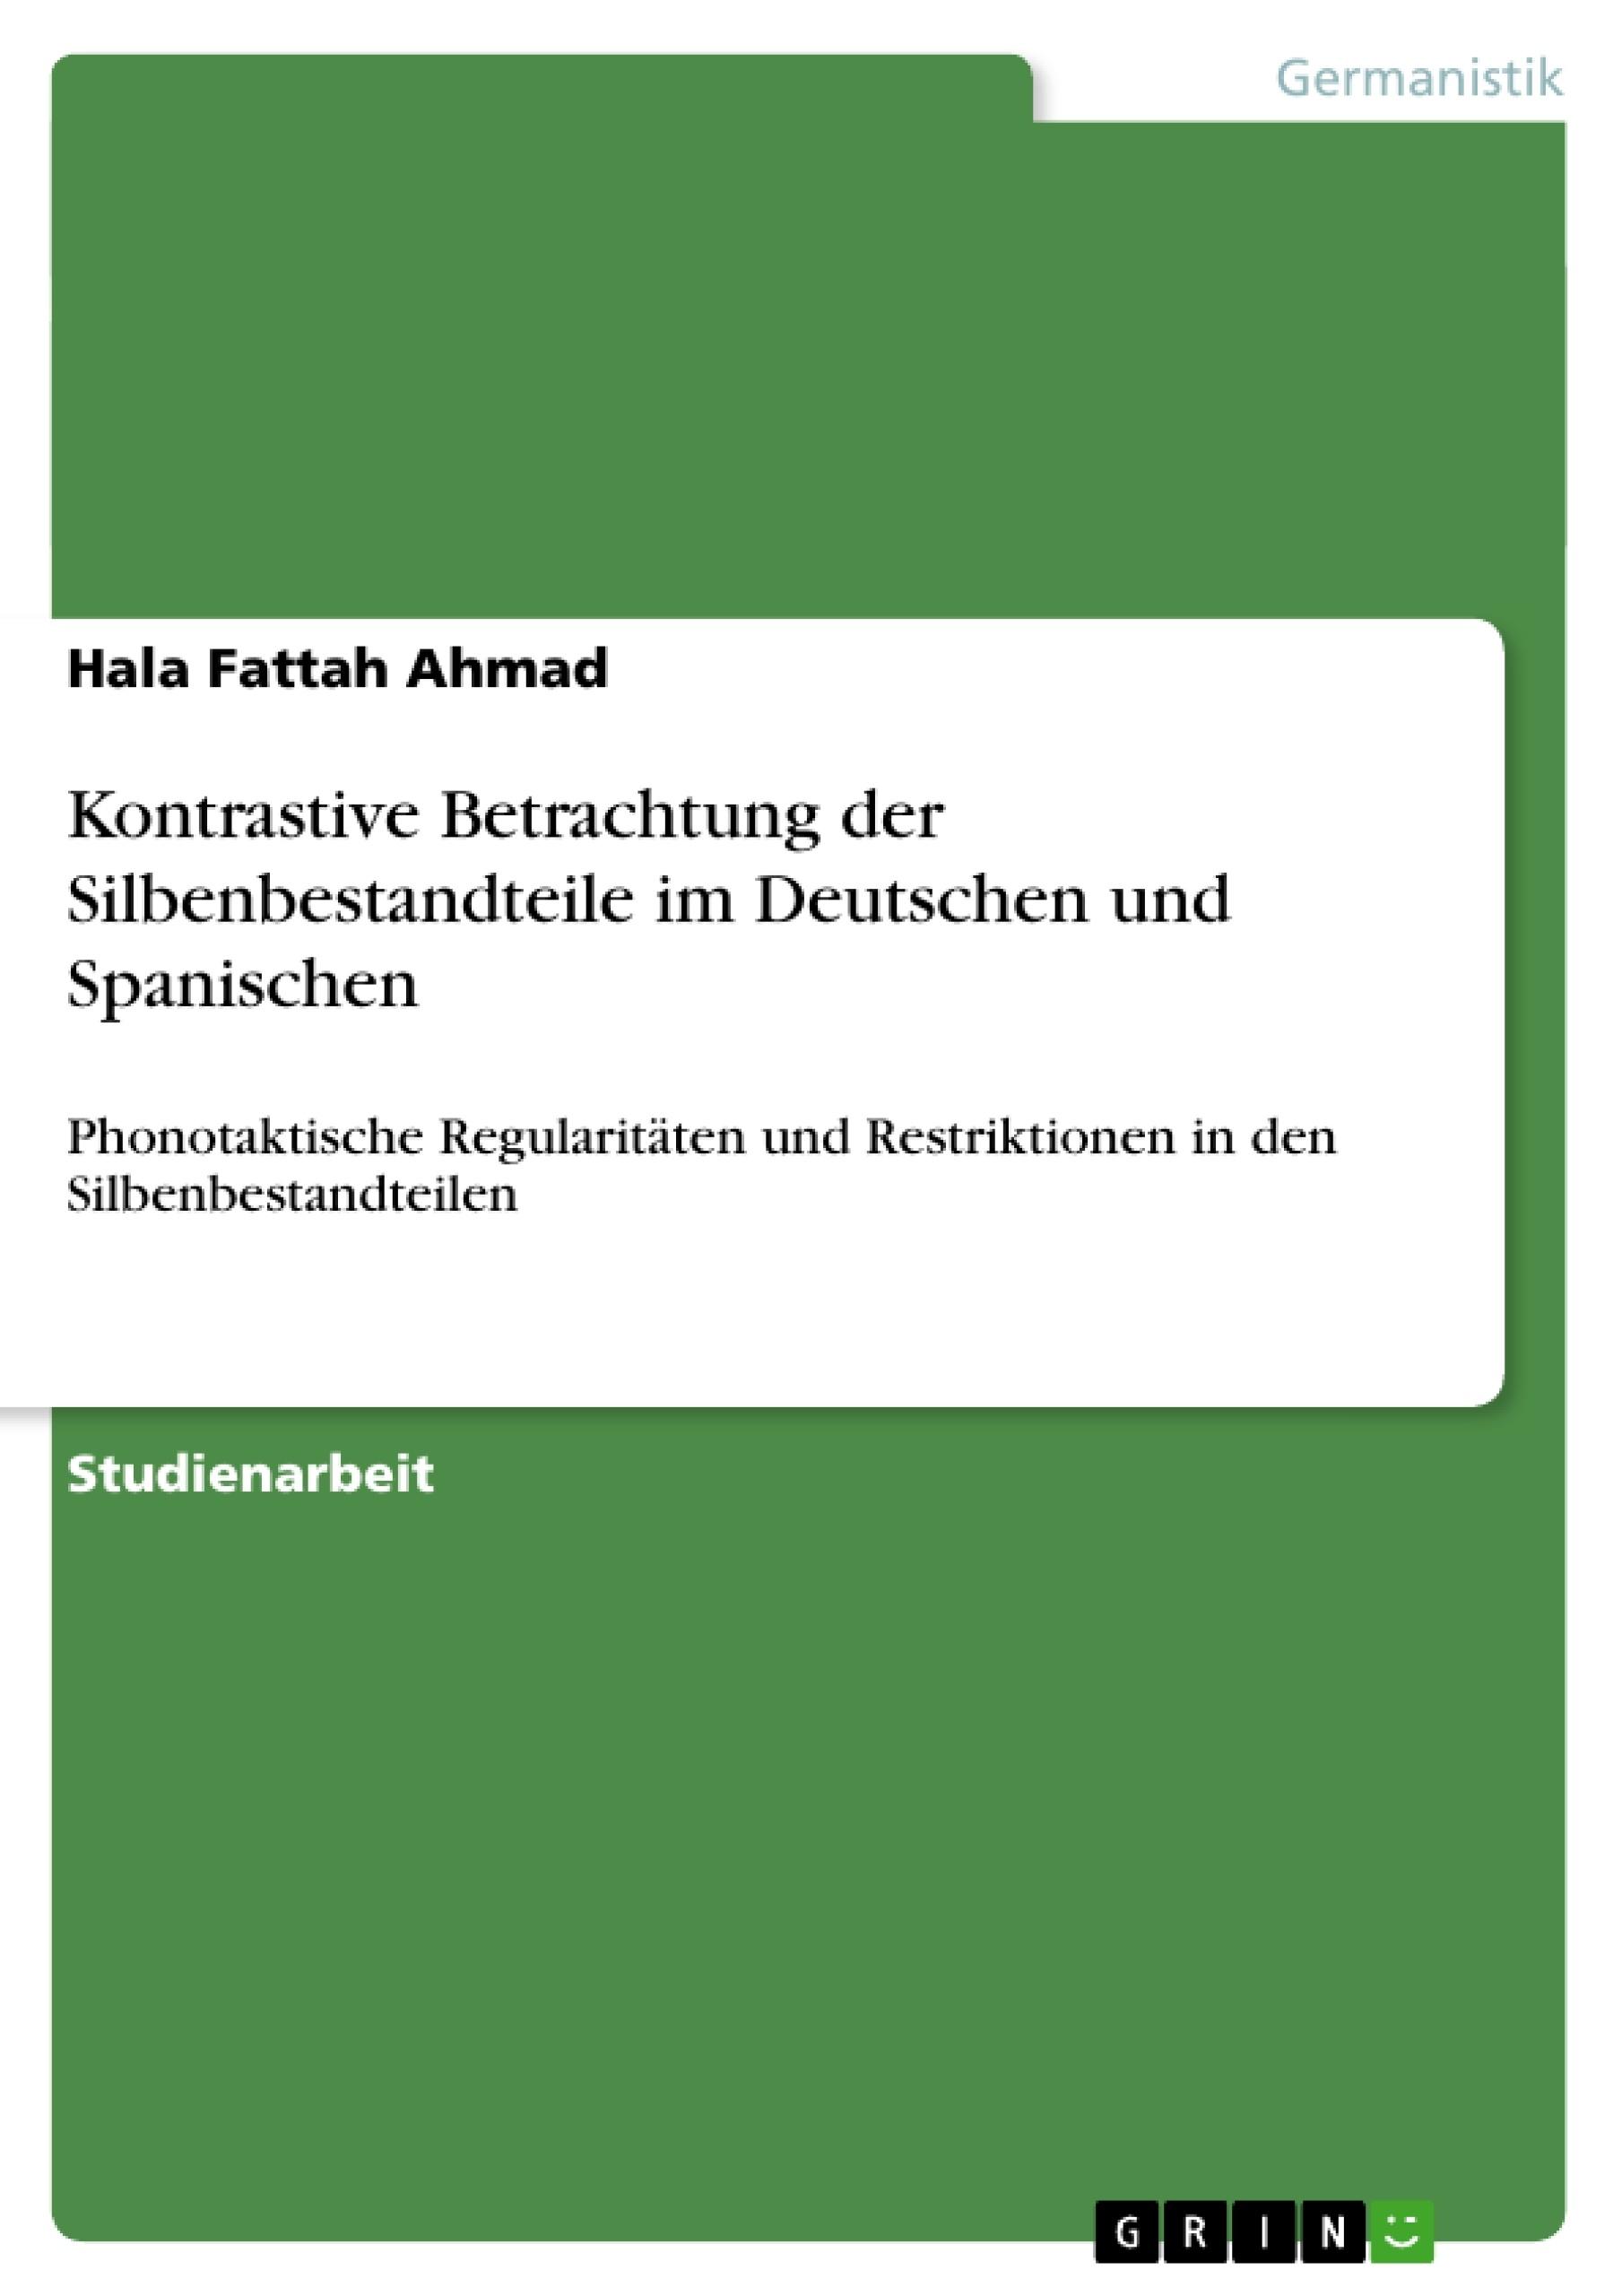 Titel: Kontrastive Betrachtung der Silbenbestandteile im Deutschen und Spanischen